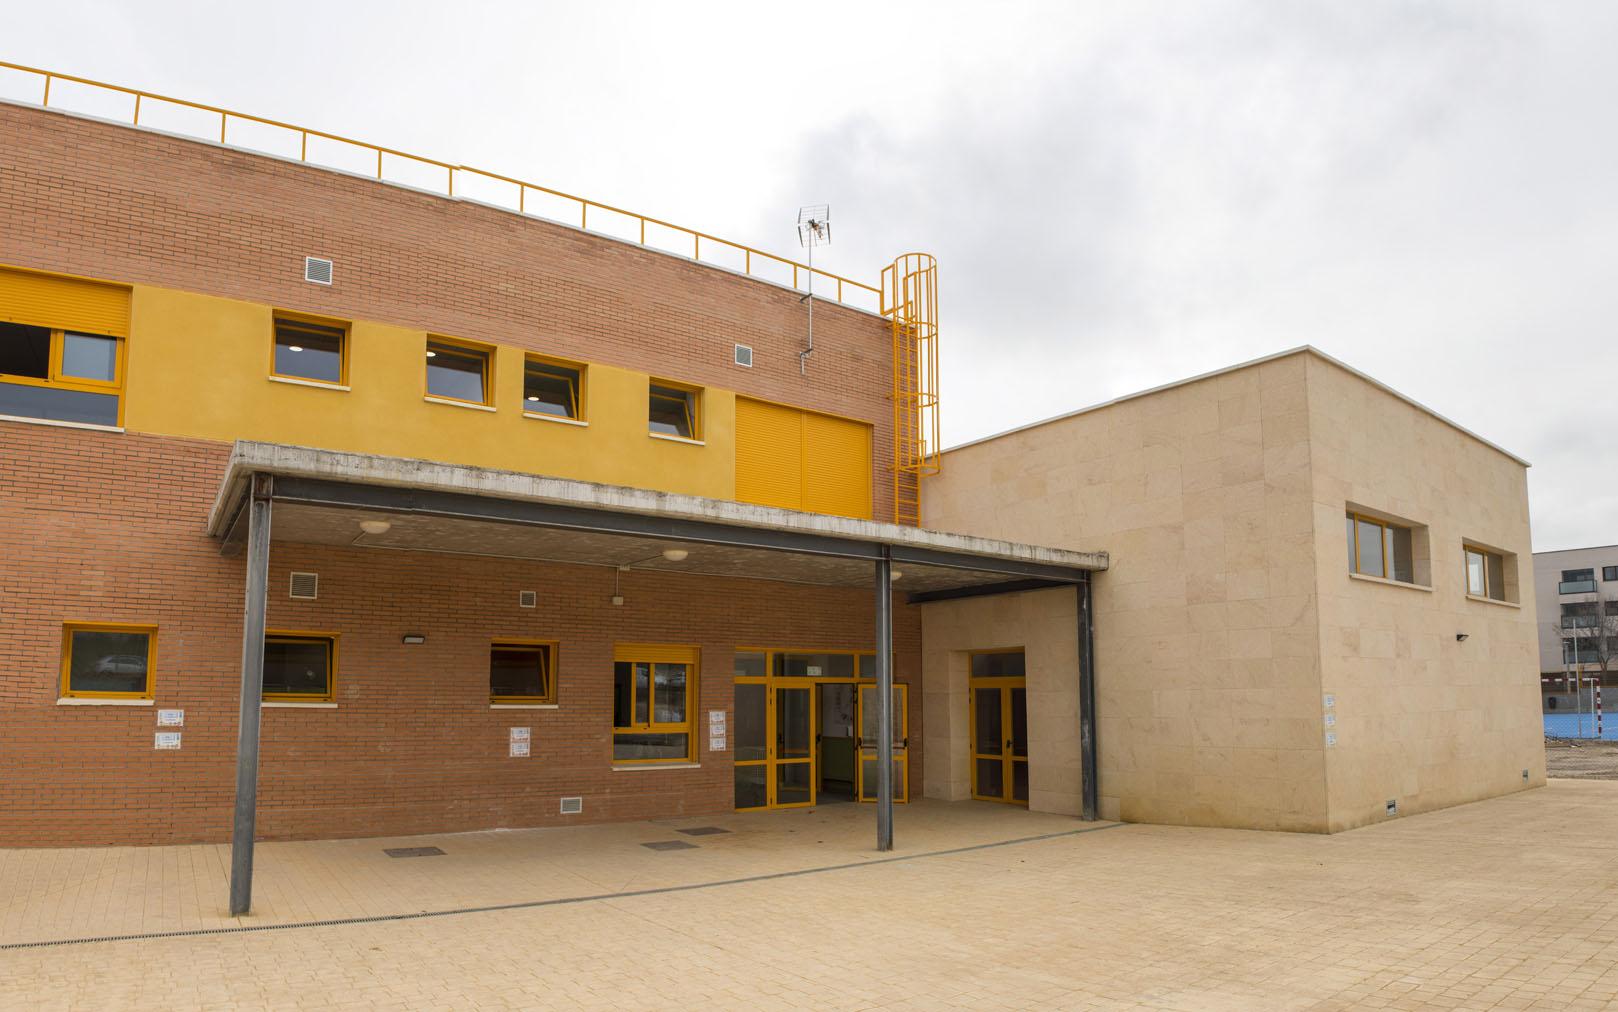 http://colegiotempranales.com/images/tempranales/centro/galeria/EdificioPrimaria.jpg